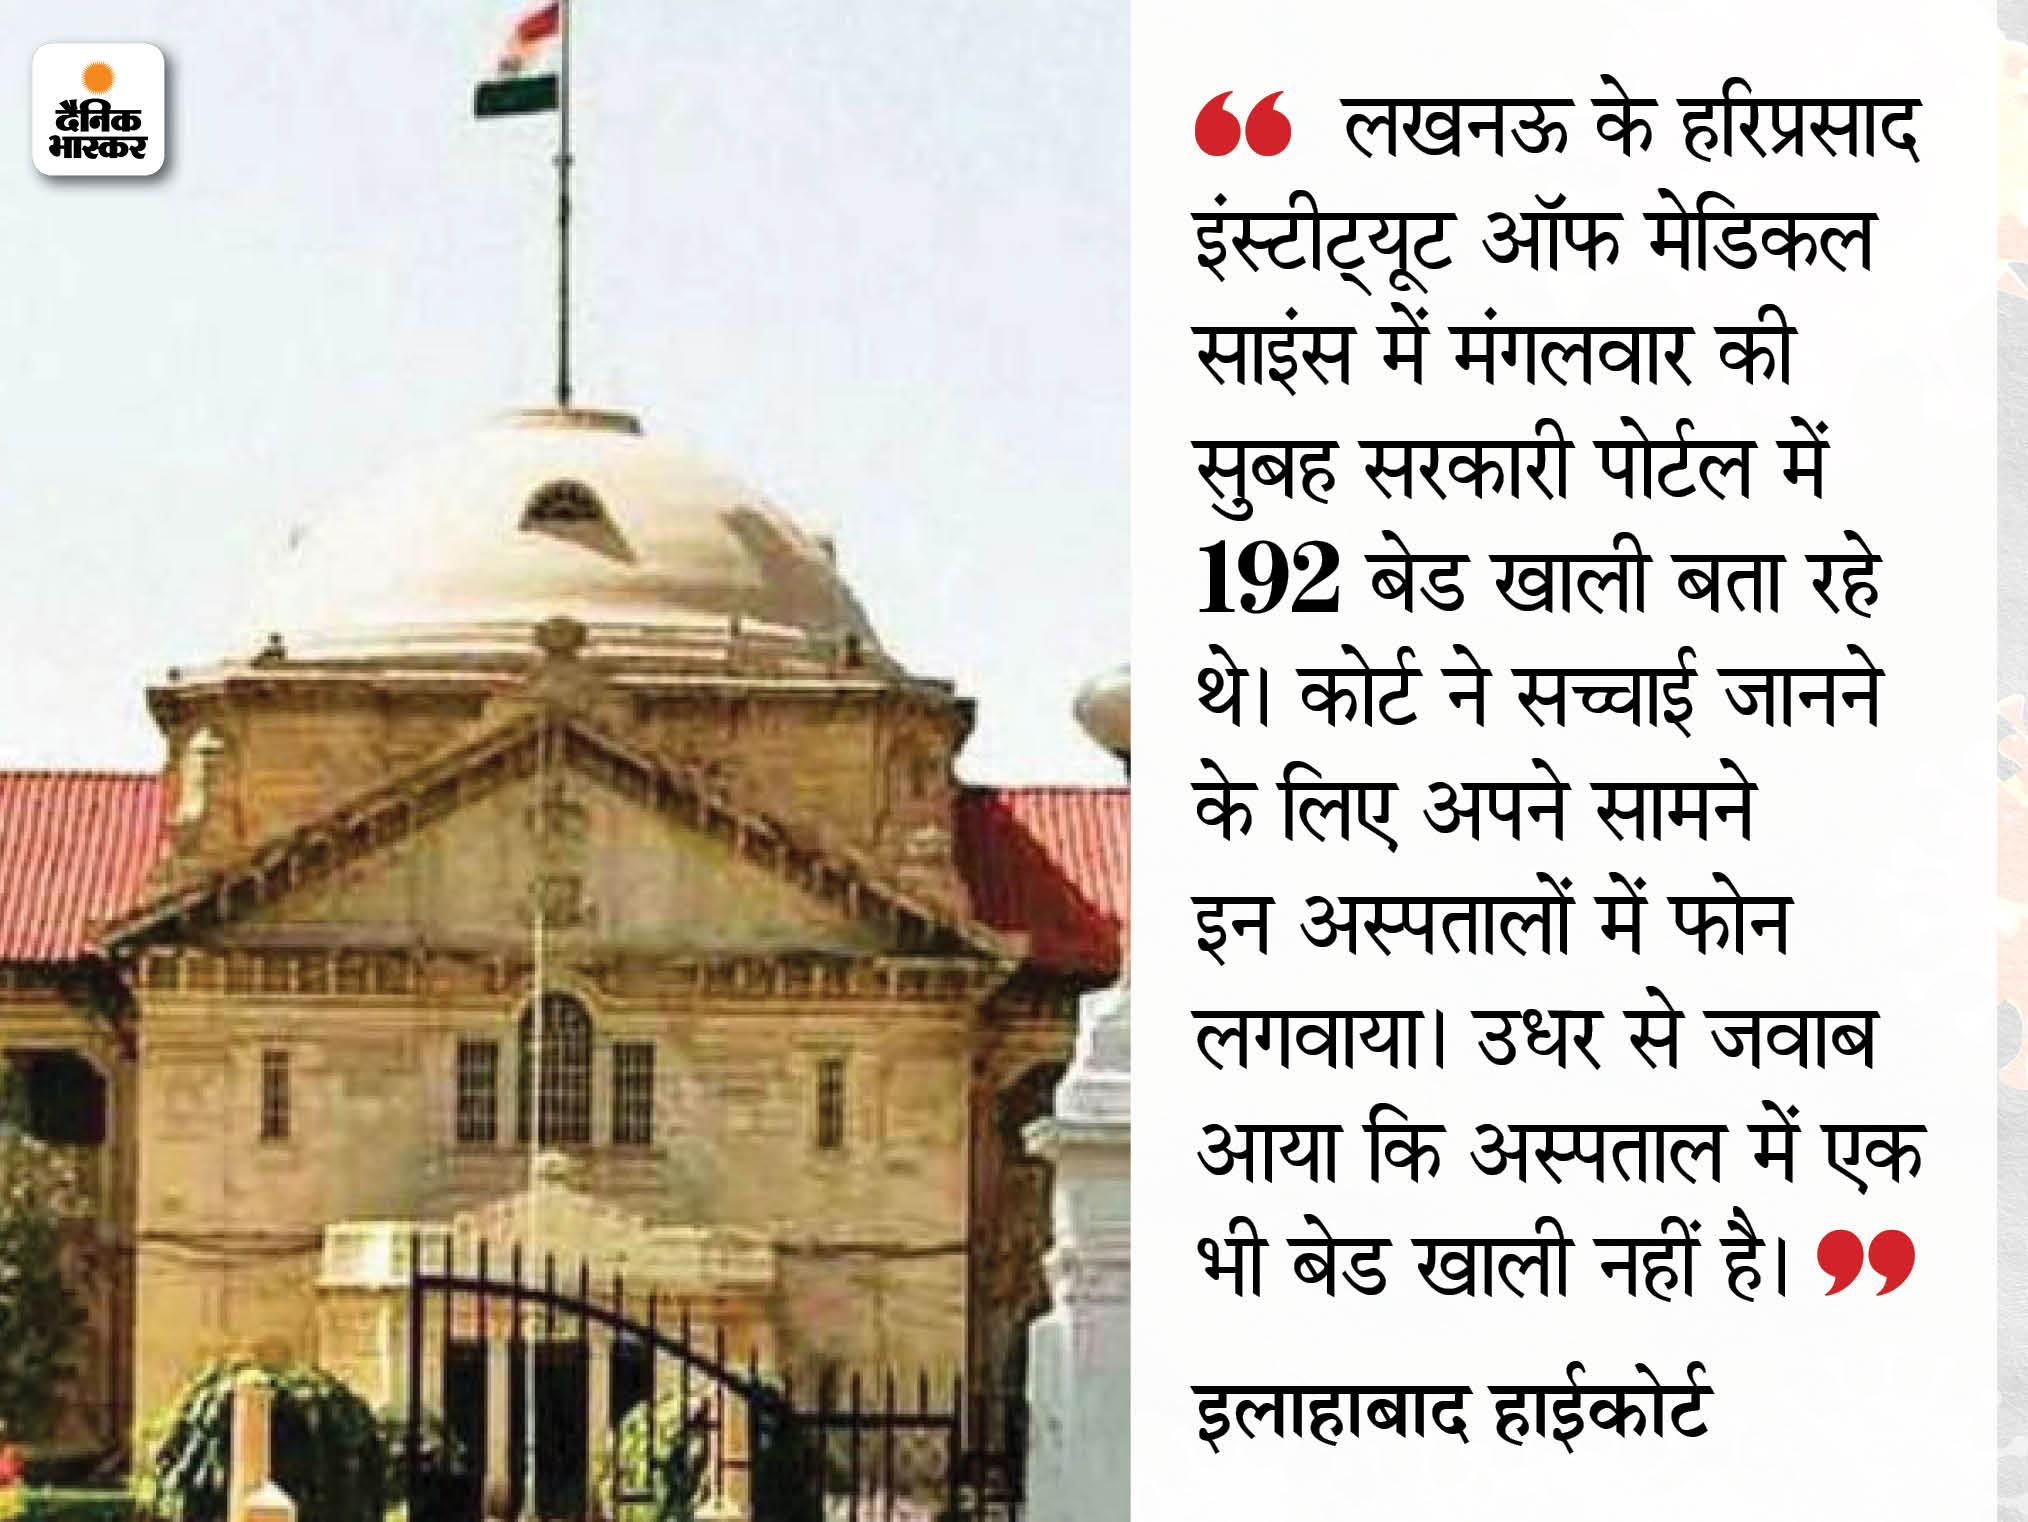 सरकारी पोर्टल पर बेड खाली, फोन करने पर सारे भरे मिले; योगी सरकार से जज की मौत पर रिपोर्ट मांगी|उत्तरप्रदेश,Uttar Pradesh - Dainik Bhaskar